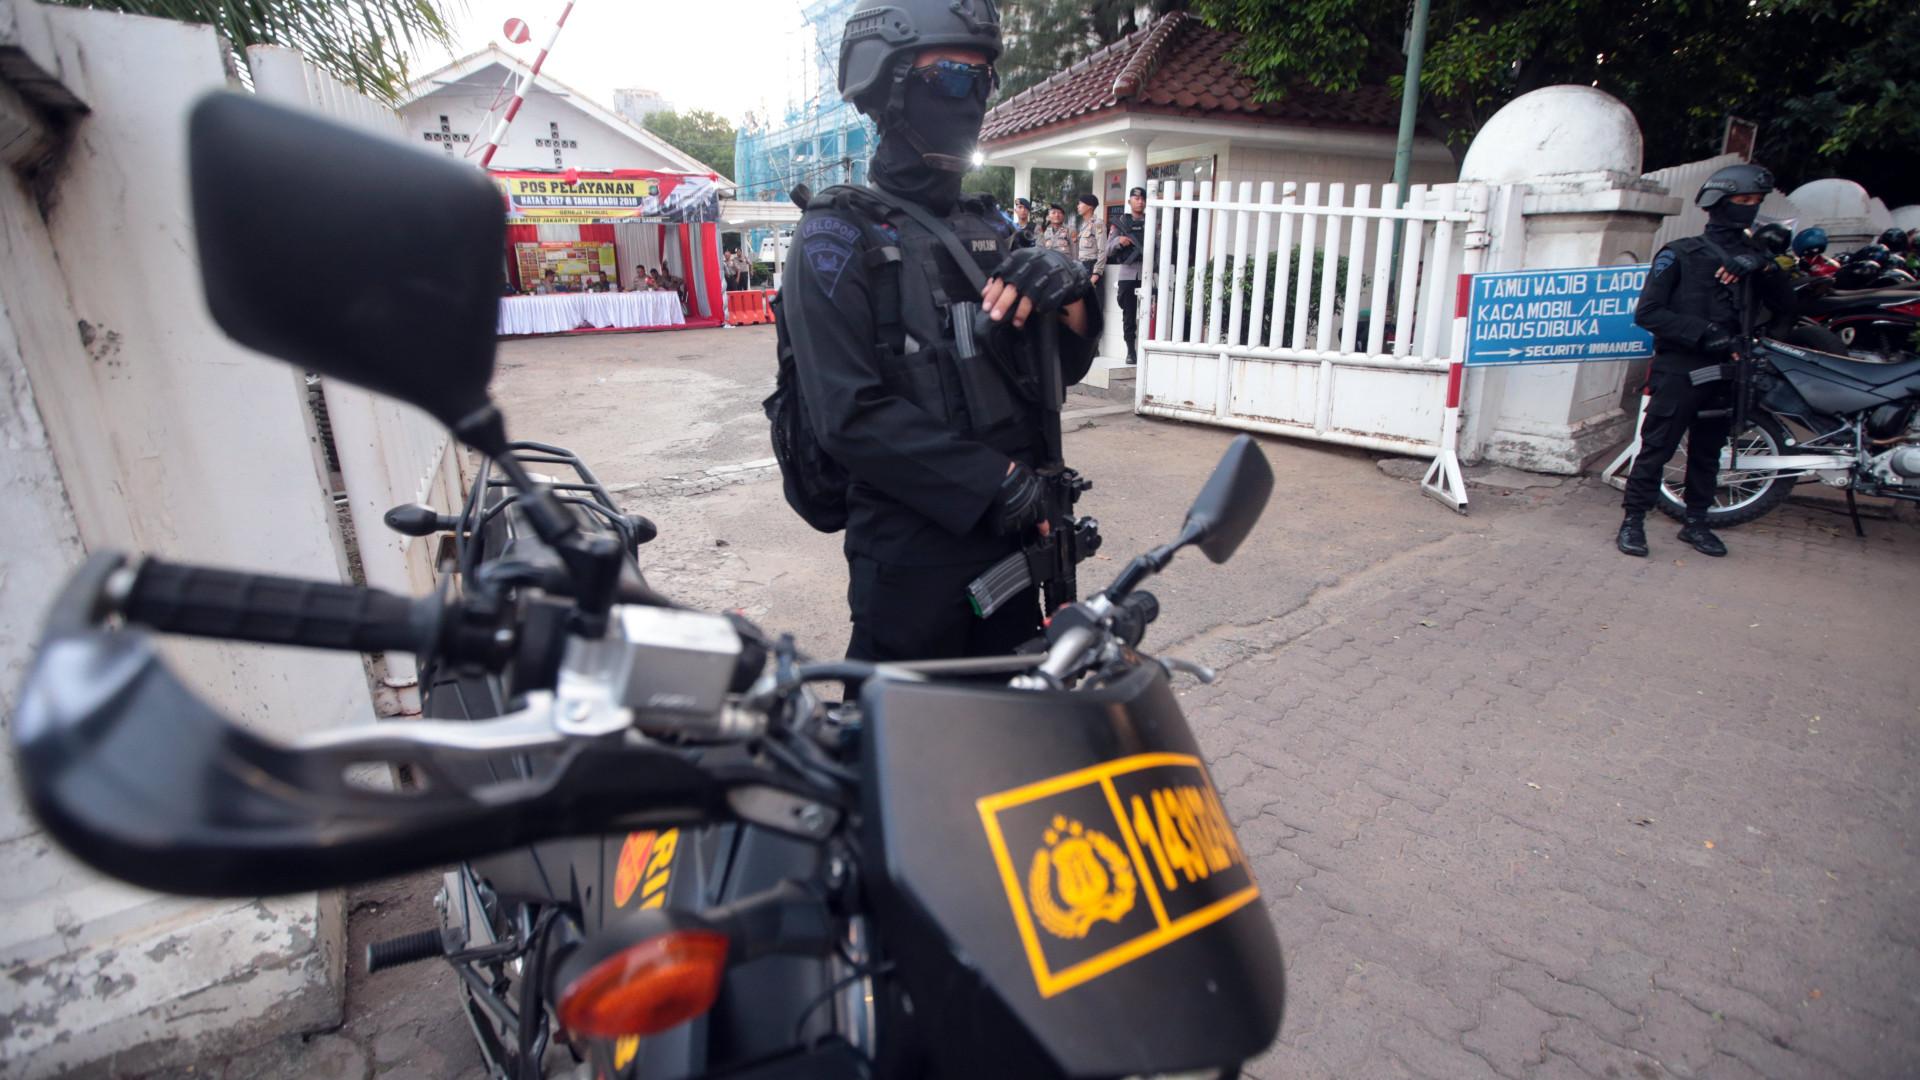 Ataques a igrejas na Indonésia causou 11 mortos e 40 feridos